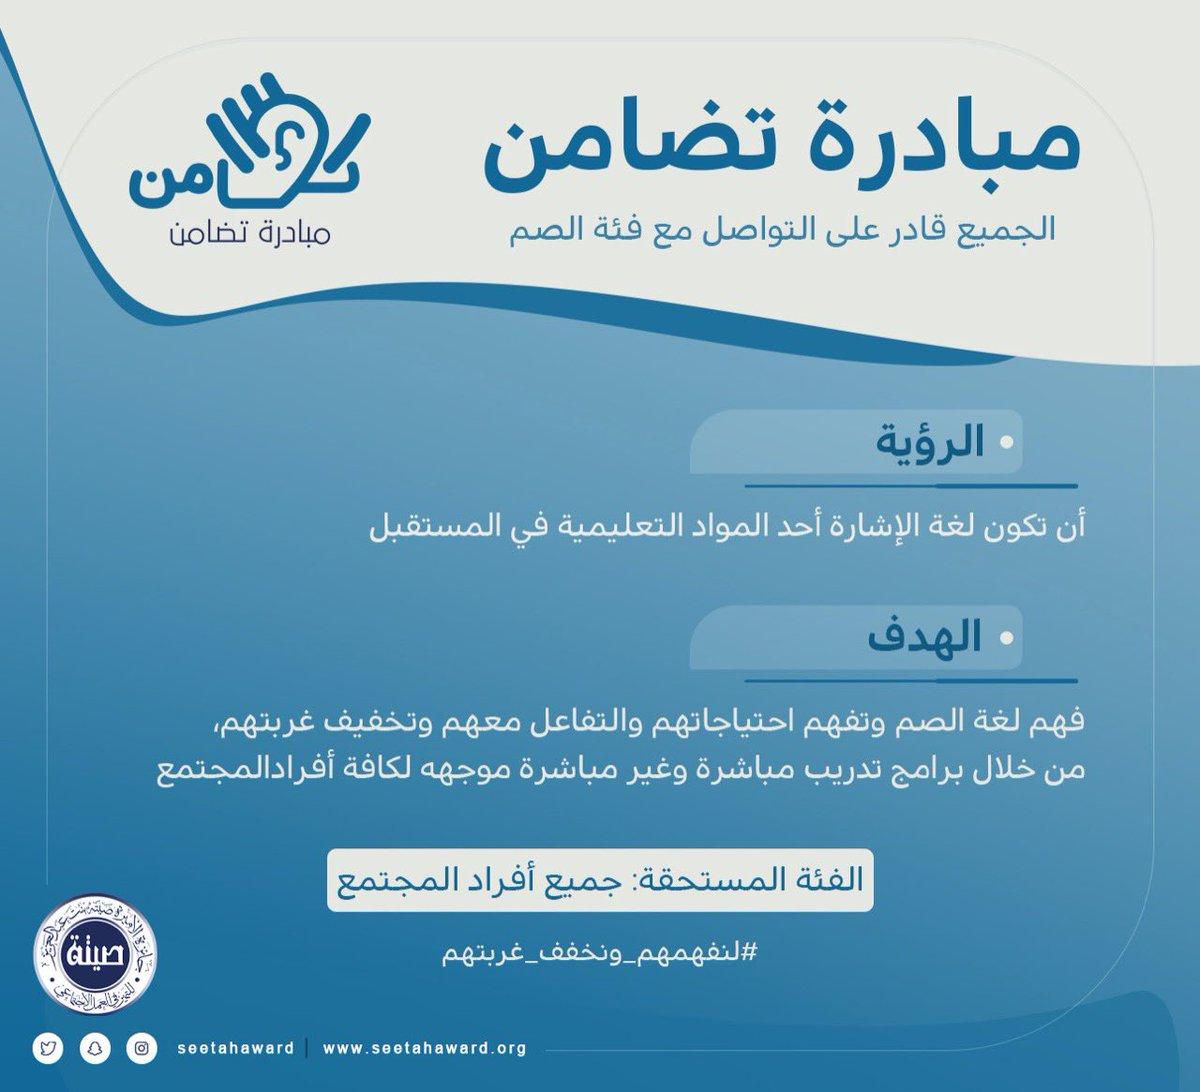 >أطلقت جائزة الأميرة صيته بنت عبدالعزيز للتميز في العمل الاجتماعي مبادرة